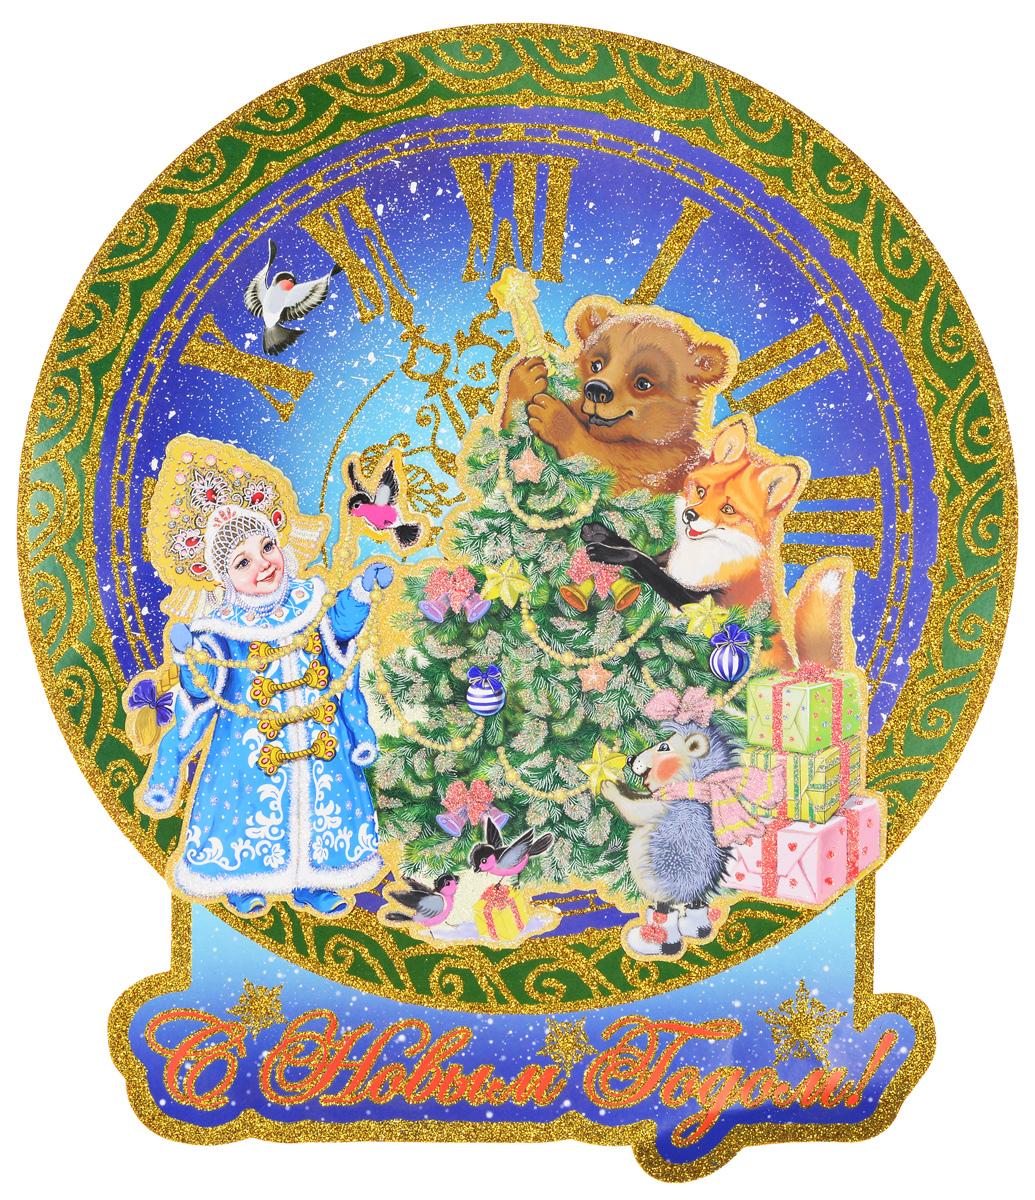 Украшение новогоднее оконное Magic Time Снегурочка и медвежонок, двустороннее, 35 х 41 см75164Двухстороннее новогоднее украшение Magic Time Снегурочка и медвежонок, выполнено из картона в виде панно и декорировано блестками. Изделие предназначено для праздничного оформления стен, окон и дверей. С помощью такого украшения можно составлять на мебели целые зимние сюжеты, которые будут радовать глаз и поднимать настроение в праздничные дни! Также вы можете преподнести этот сувенир в качестве мини-презента коллегам, близким и друзьям с пожеланиями счастливого Нового Года!В комплект входят клеевые подушечки.Плотность картона: 300 г/м2.